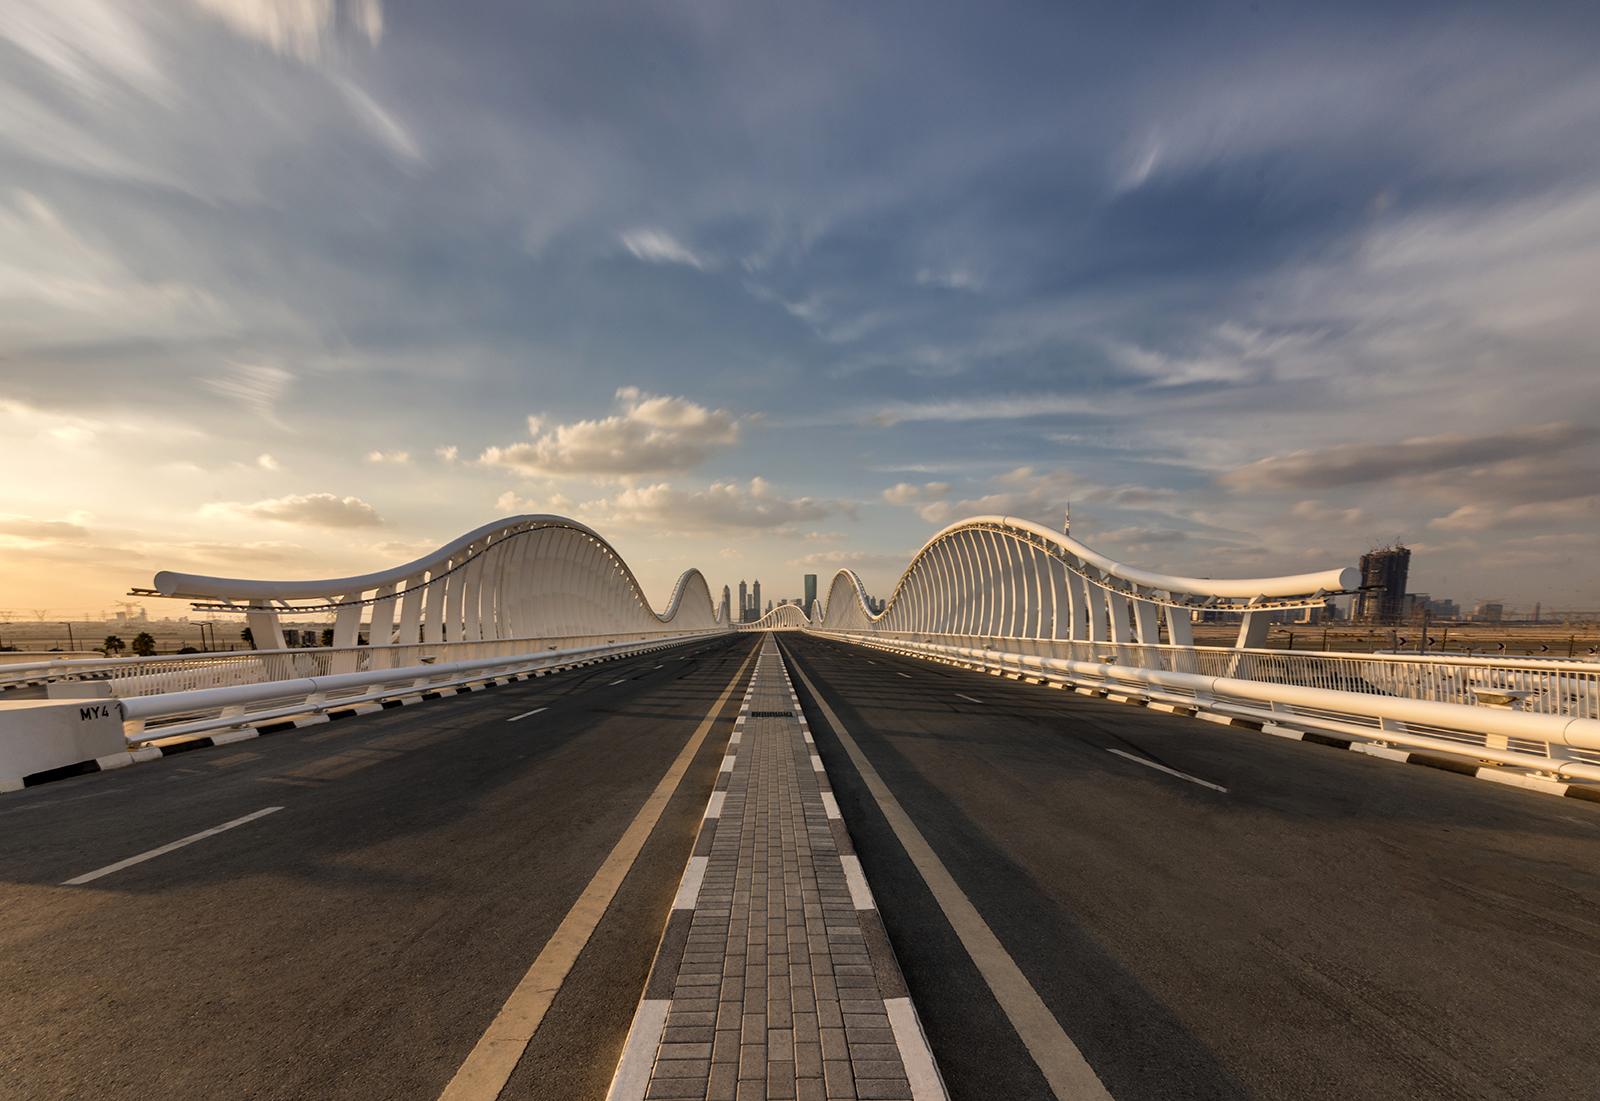 Meydan bridge